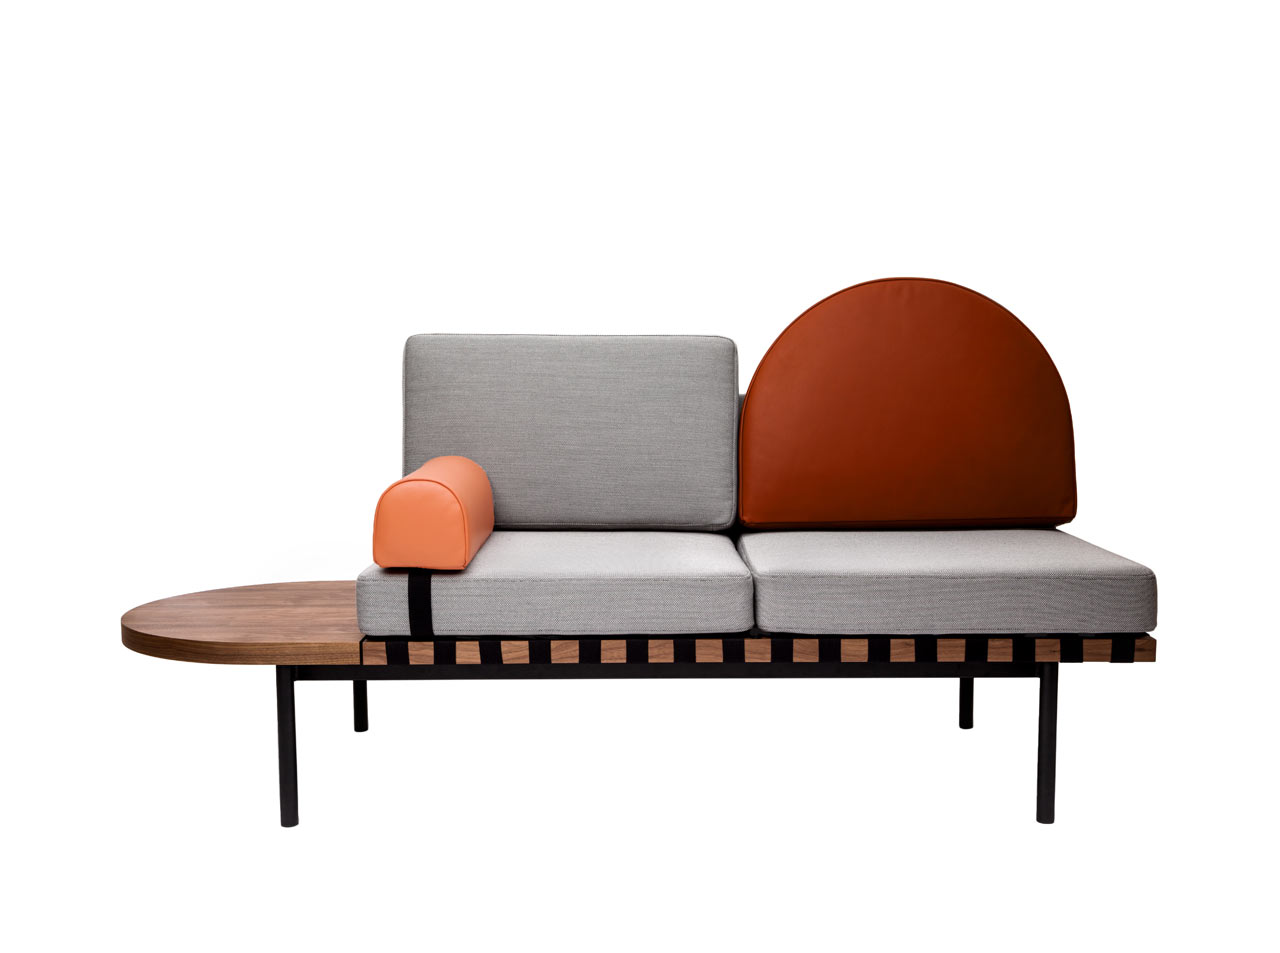 Modular, Bauhaus-Inspired Seating by POOL for Petite Friture